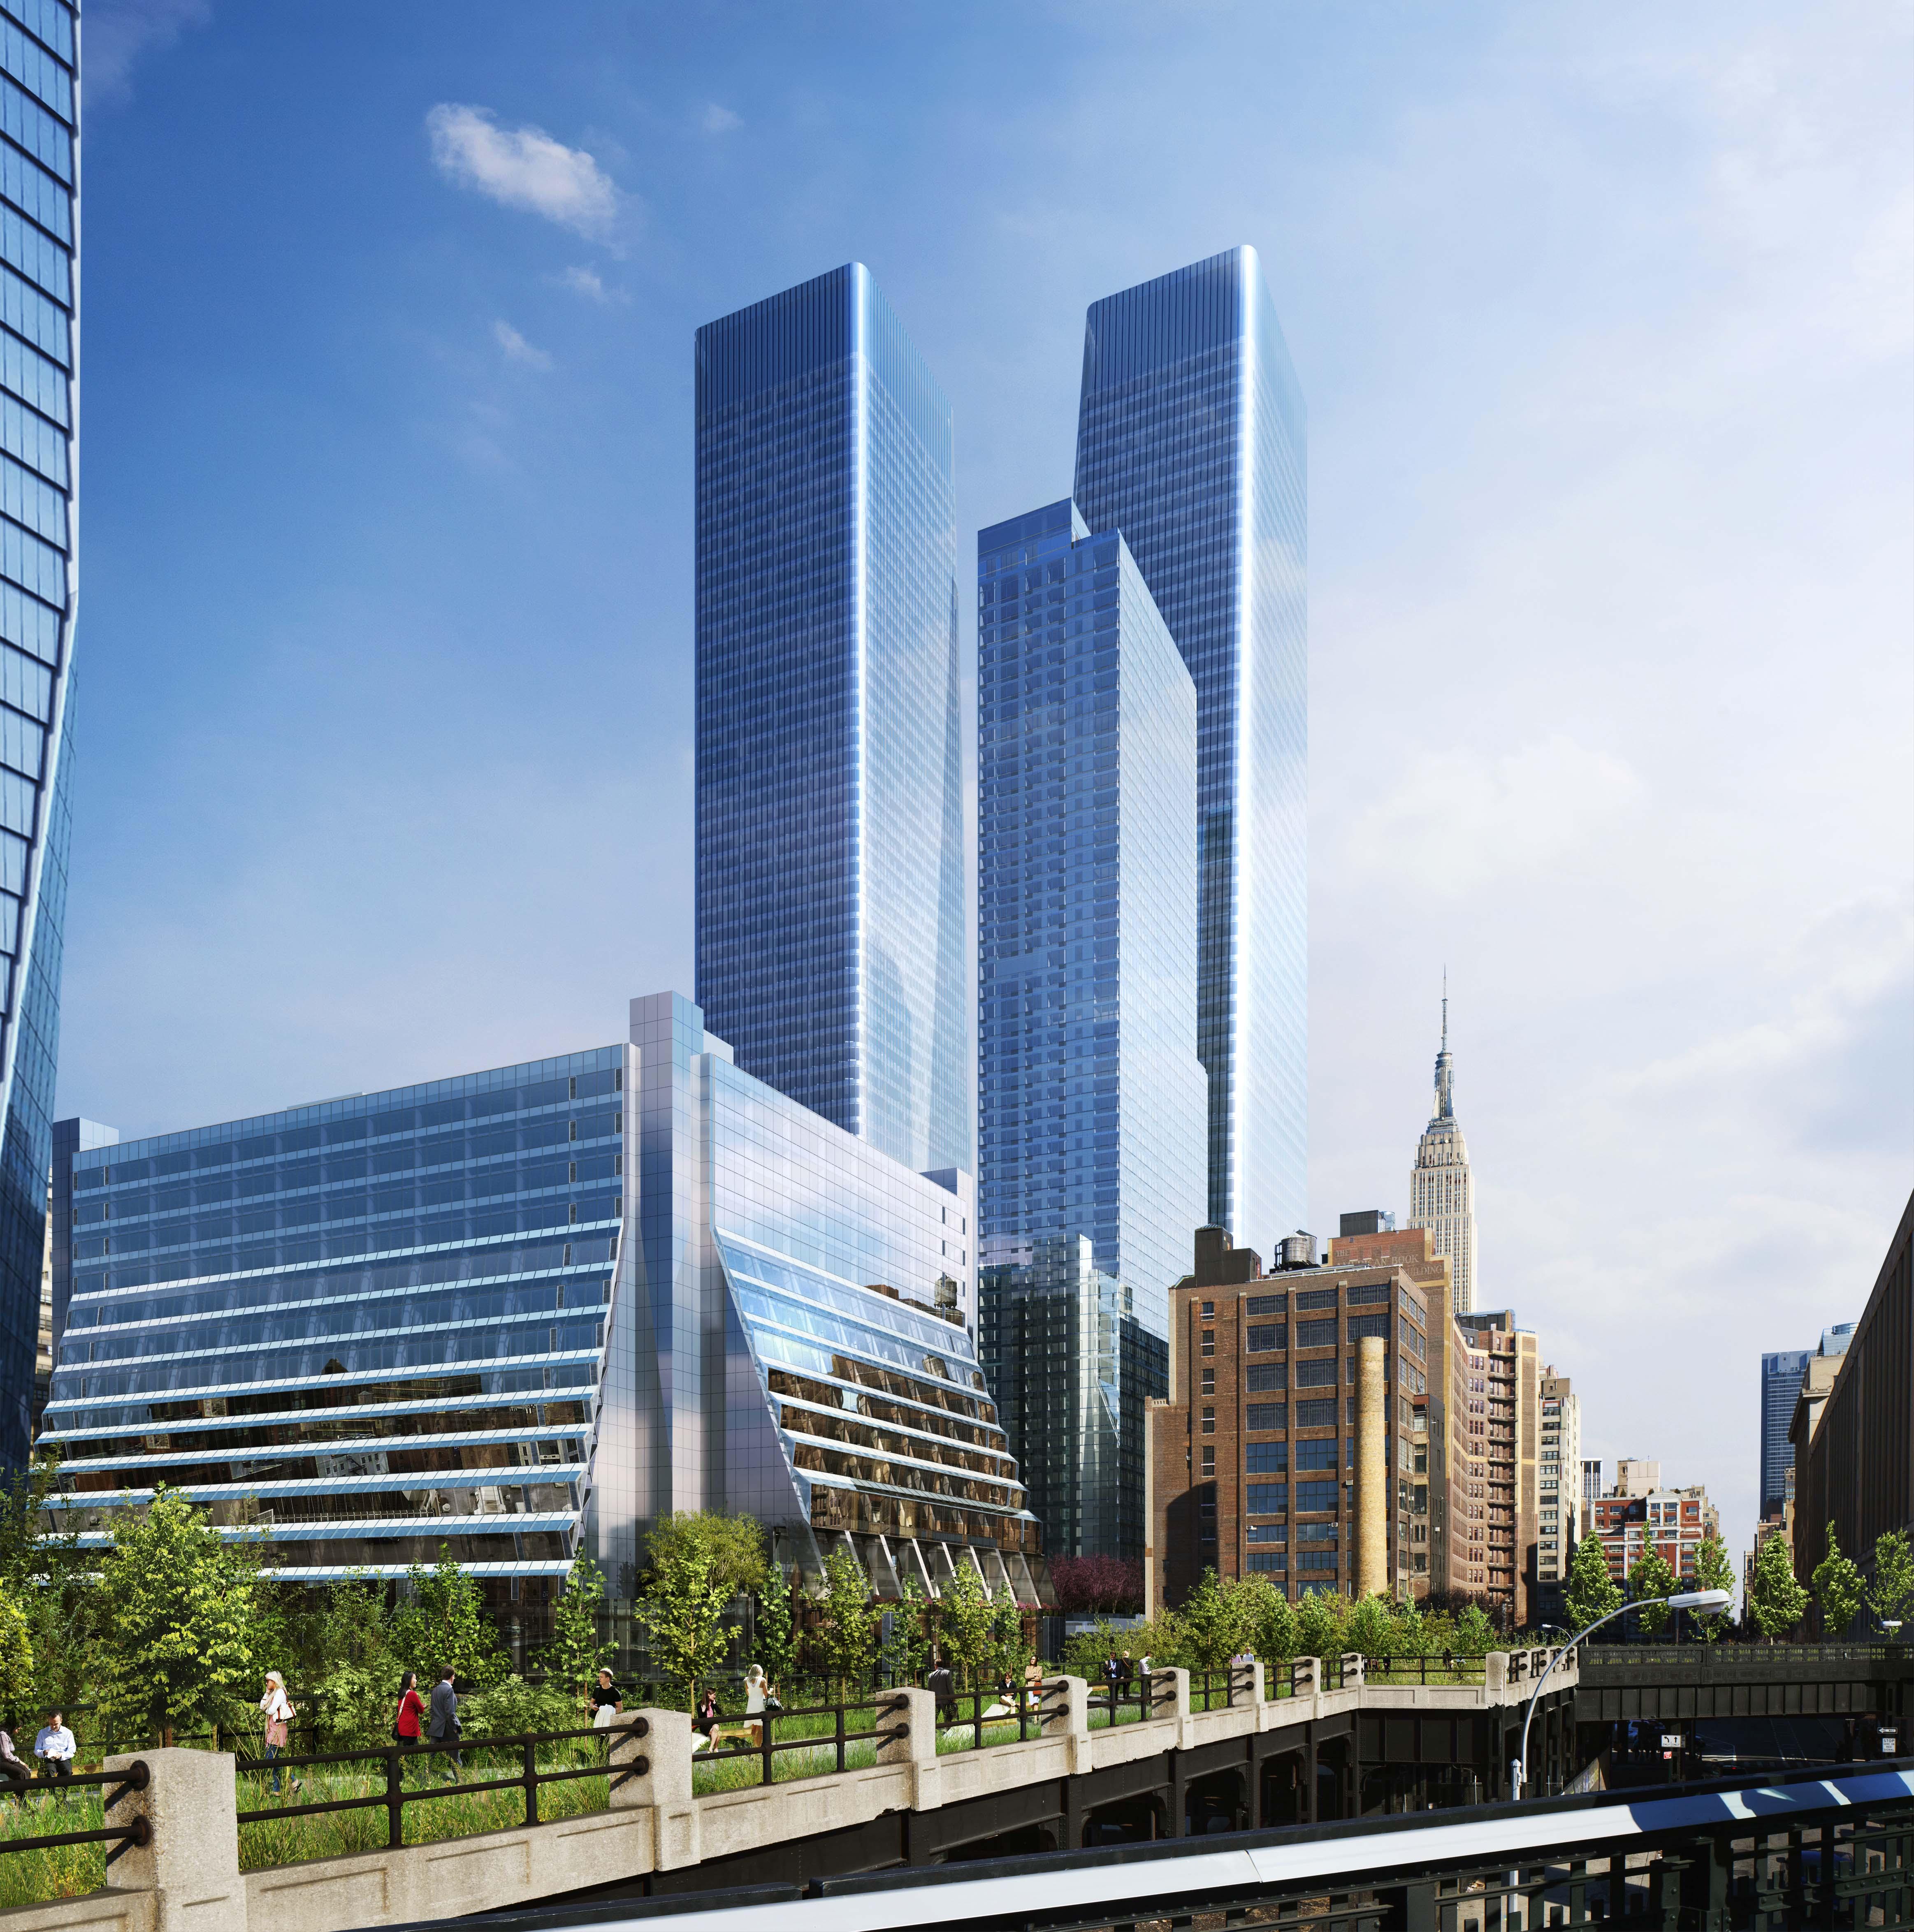 Manhatten New York: Supertall One Manhattan West Now Above Ground